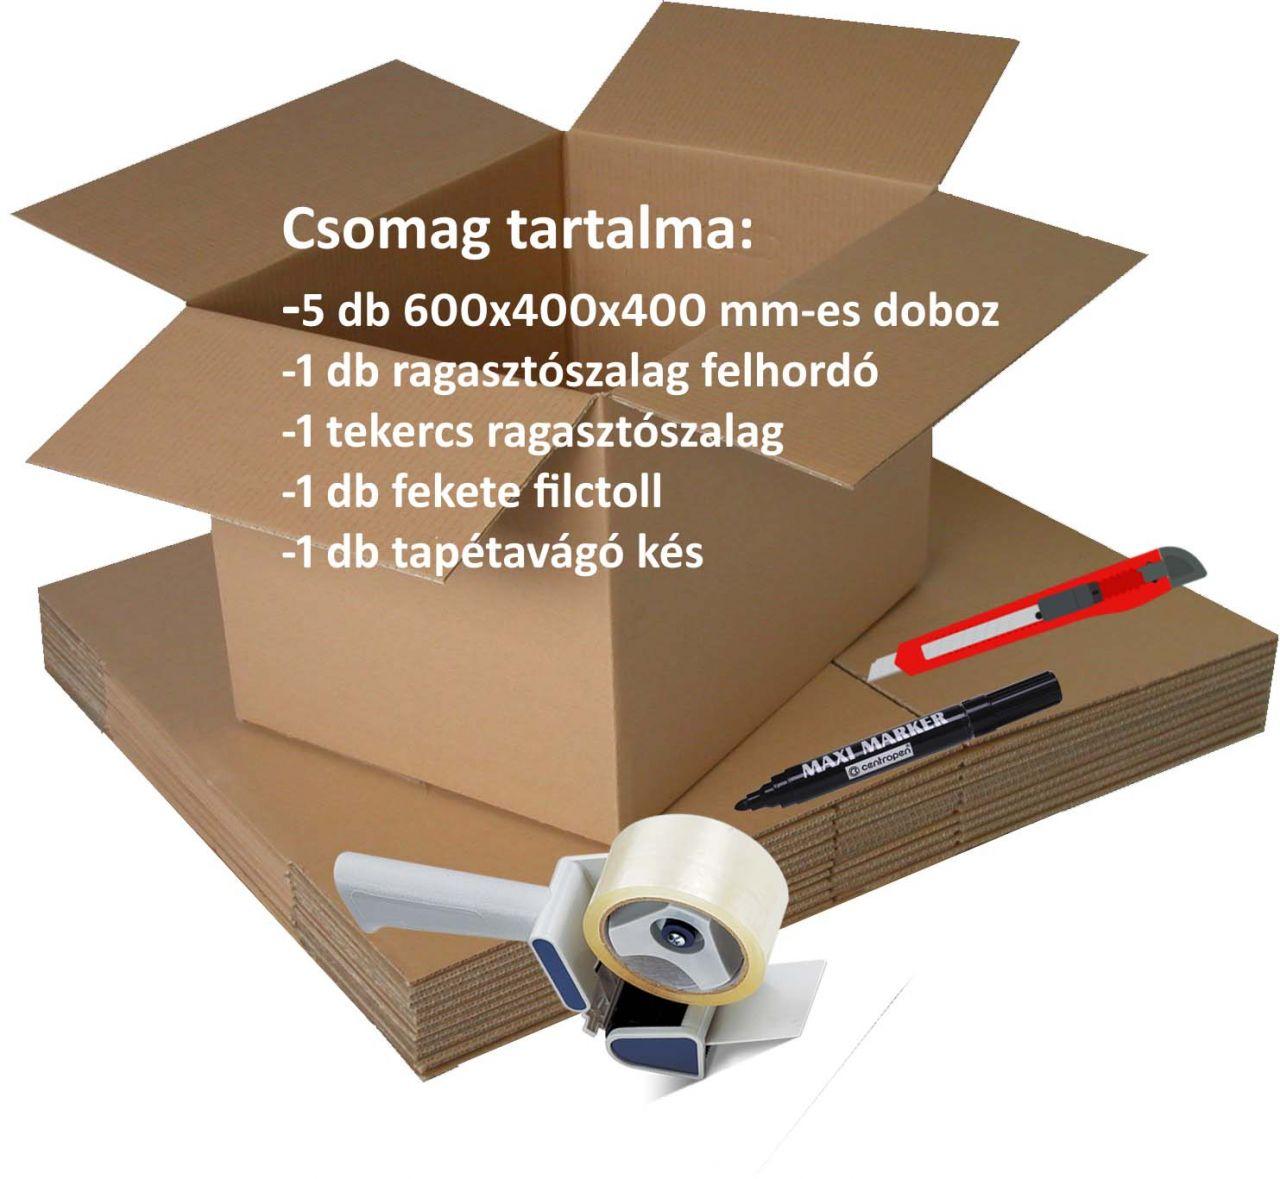 Egységcsomag költözéshez (doboz+ragasztószalag+adagoló+filctoll+tapétavágó)